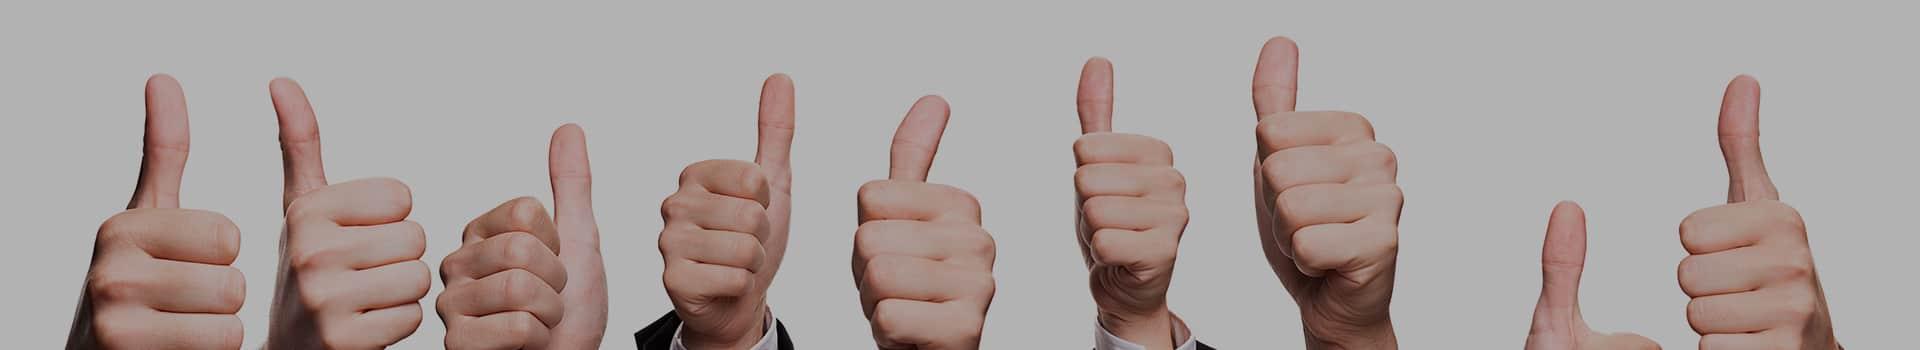 Siz işinize bakın, işlerinizin takibini Teamwork İş Takip Sistemi yapsın!